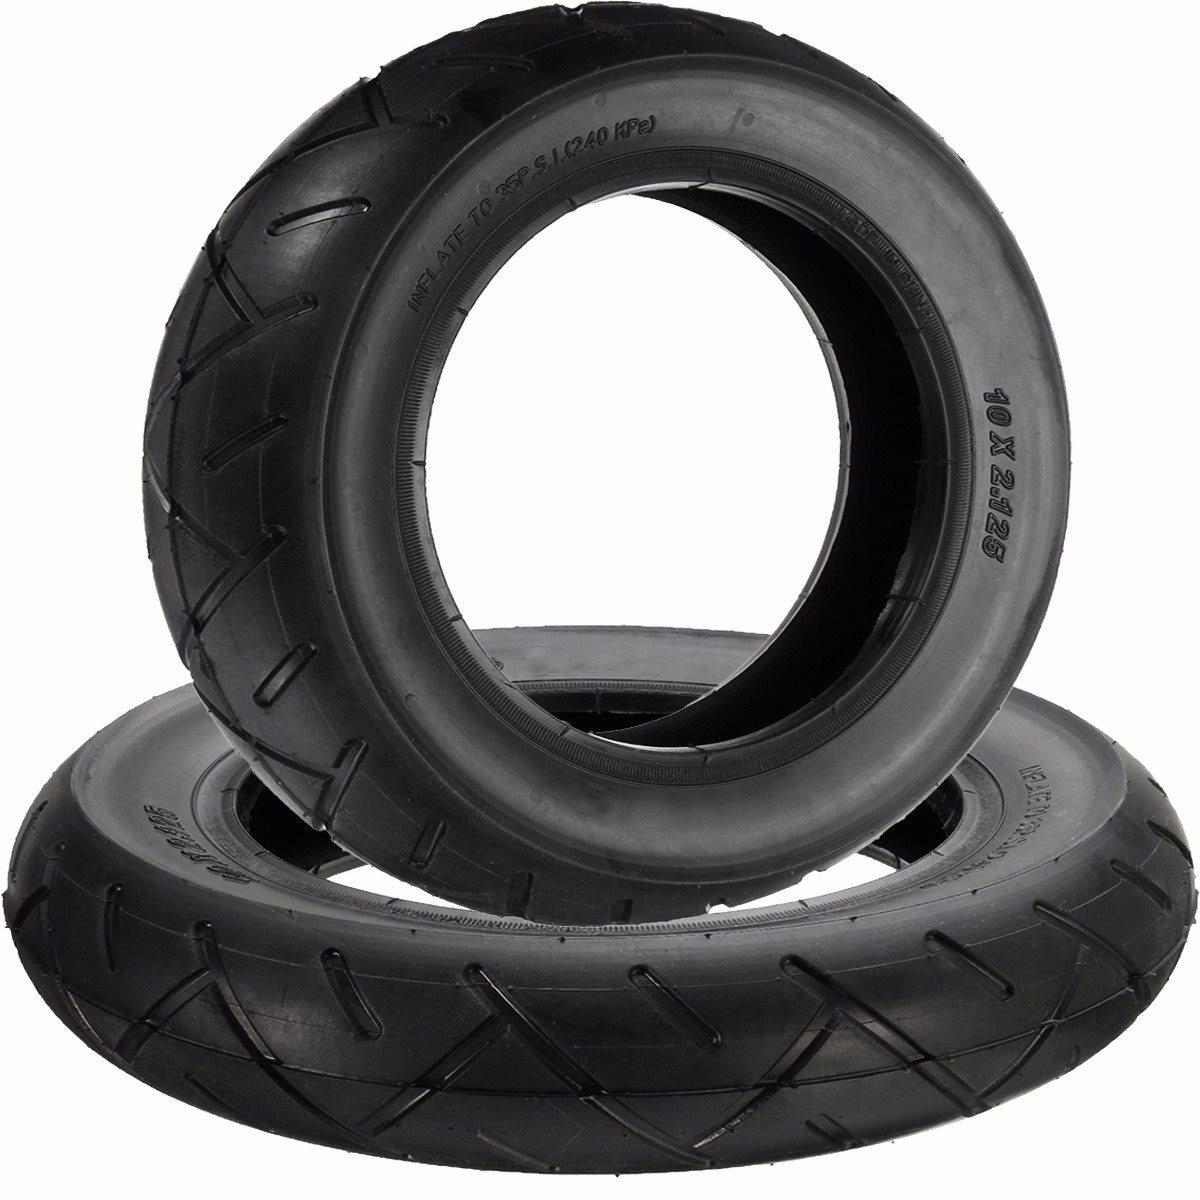 10 pulgadas x 2.125 pulgadas neumático y tubo interior para hoverboard auto equilibrio Scooter Eléctrico CAUCHO NATURAL negro